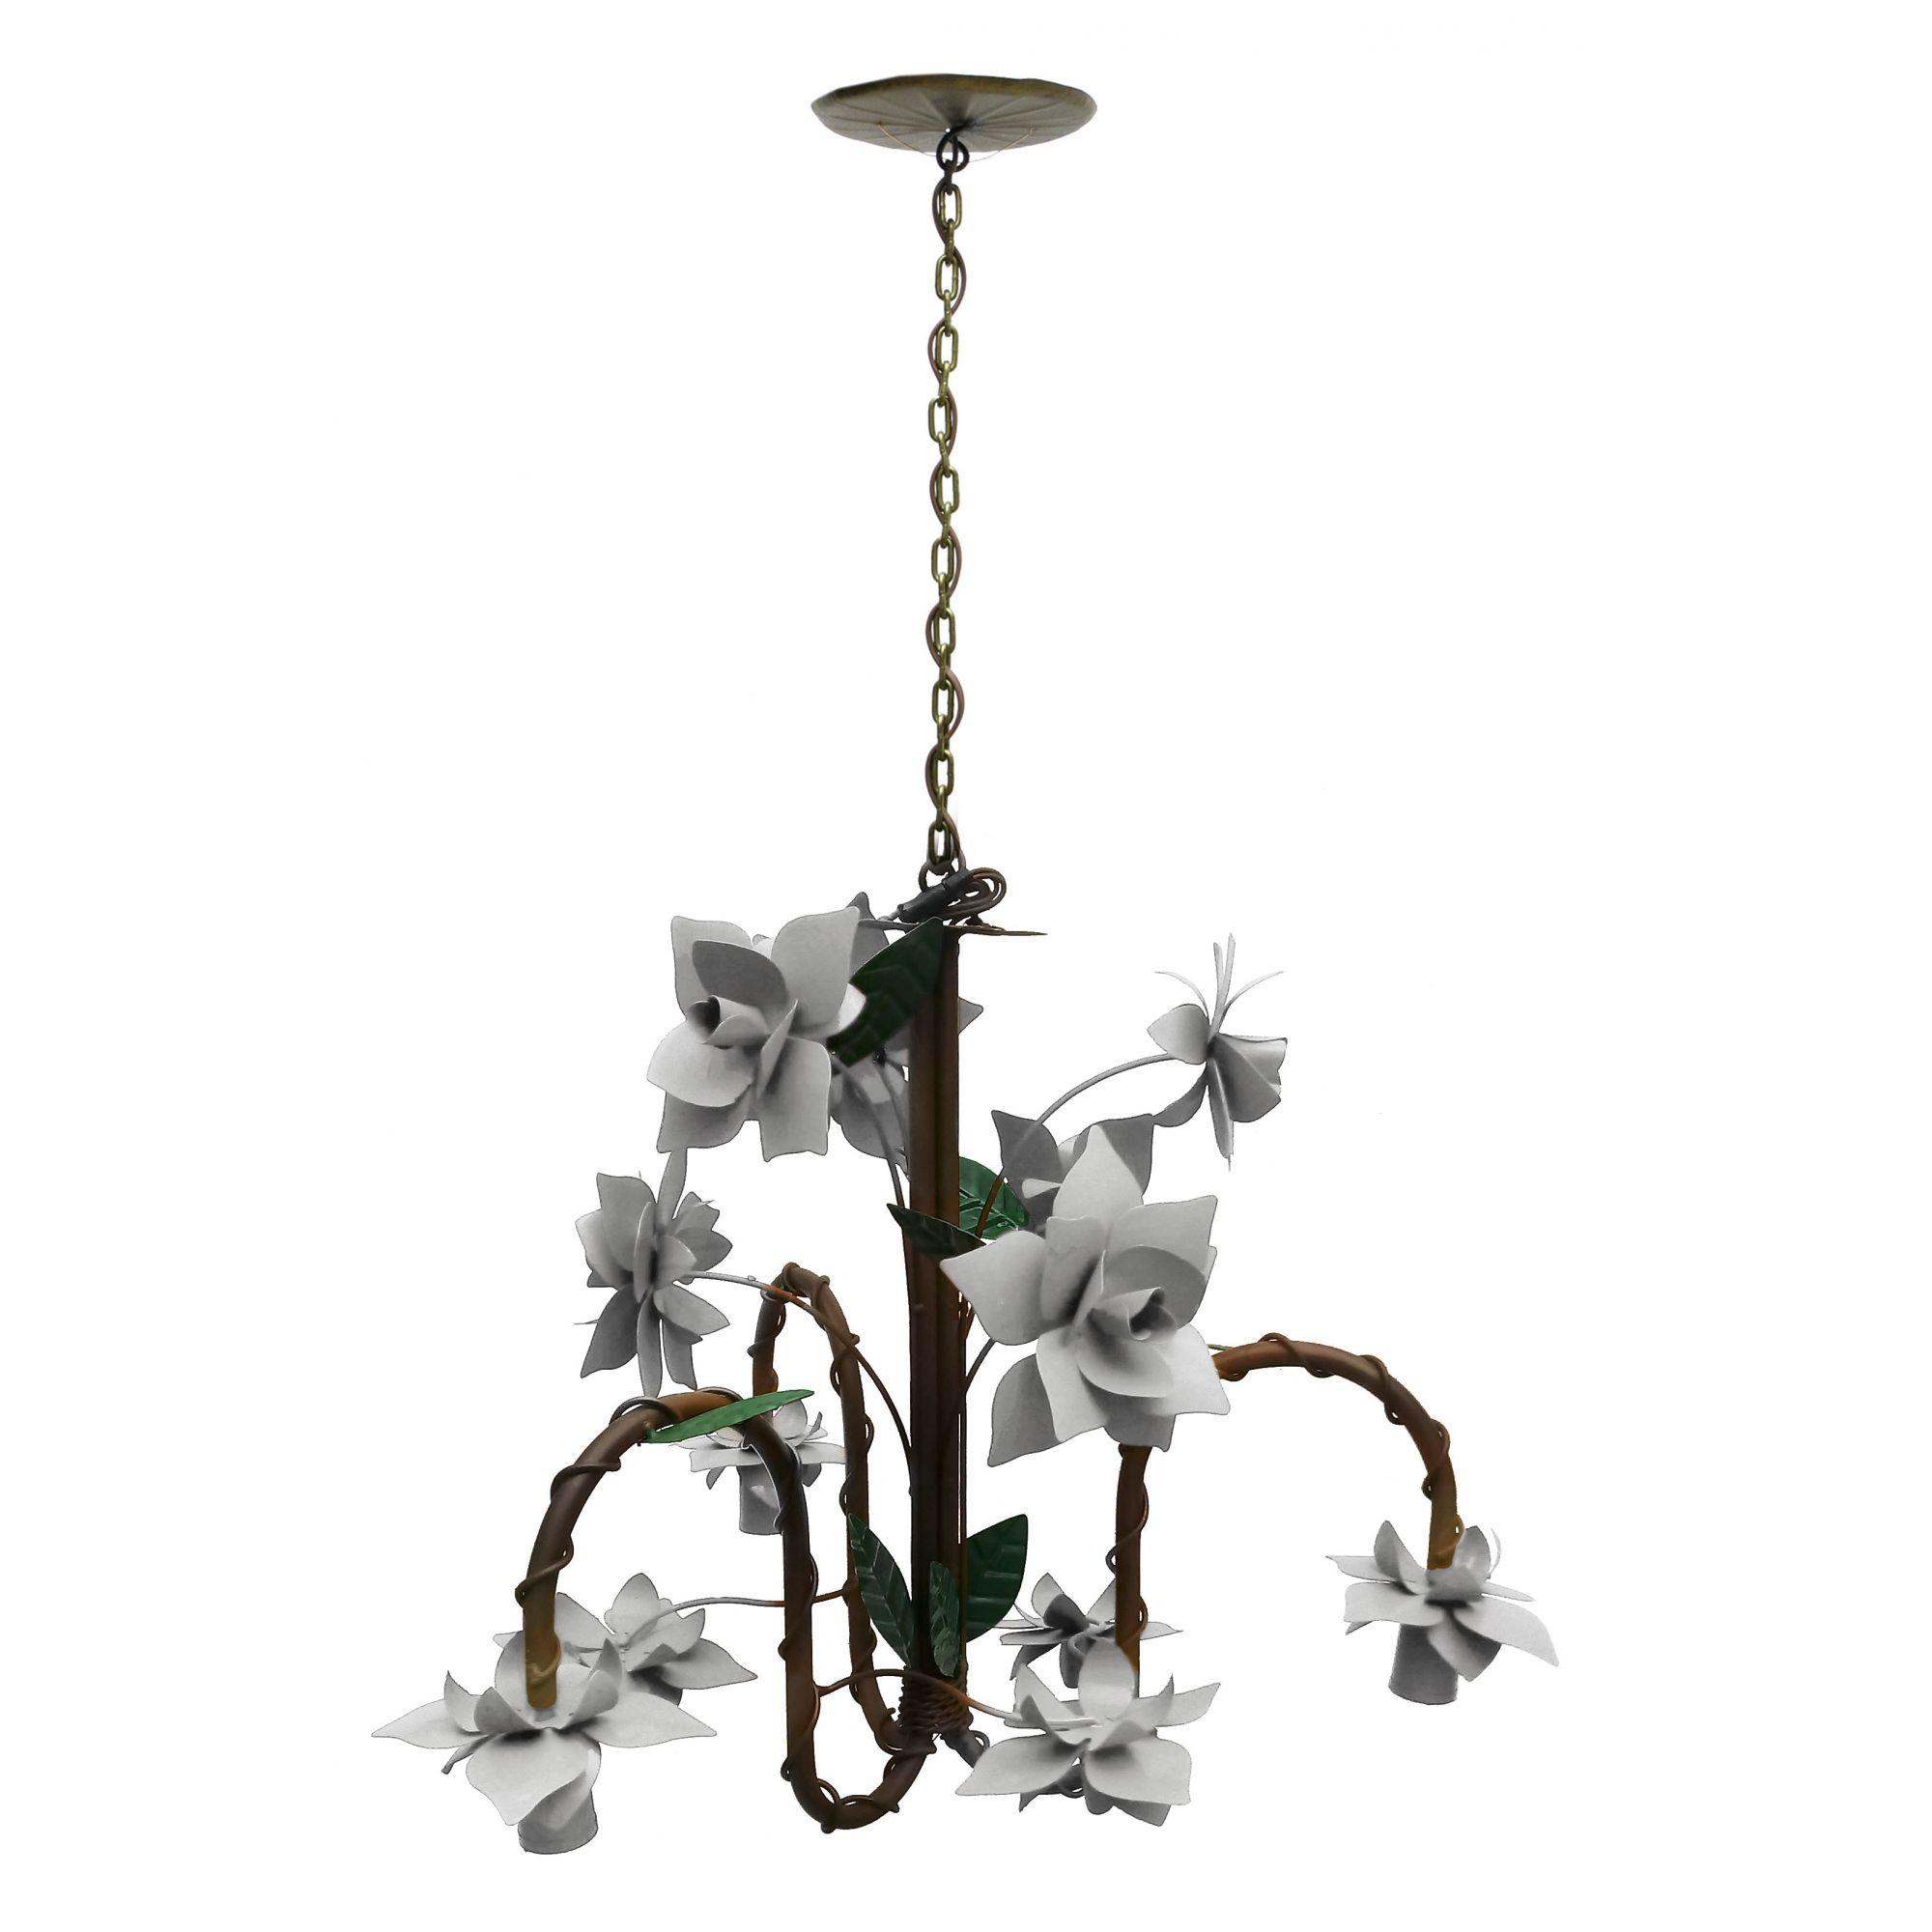 Luminária Para Cozinha Gourmet Iluminação de Area Externa Decorativa Ferro